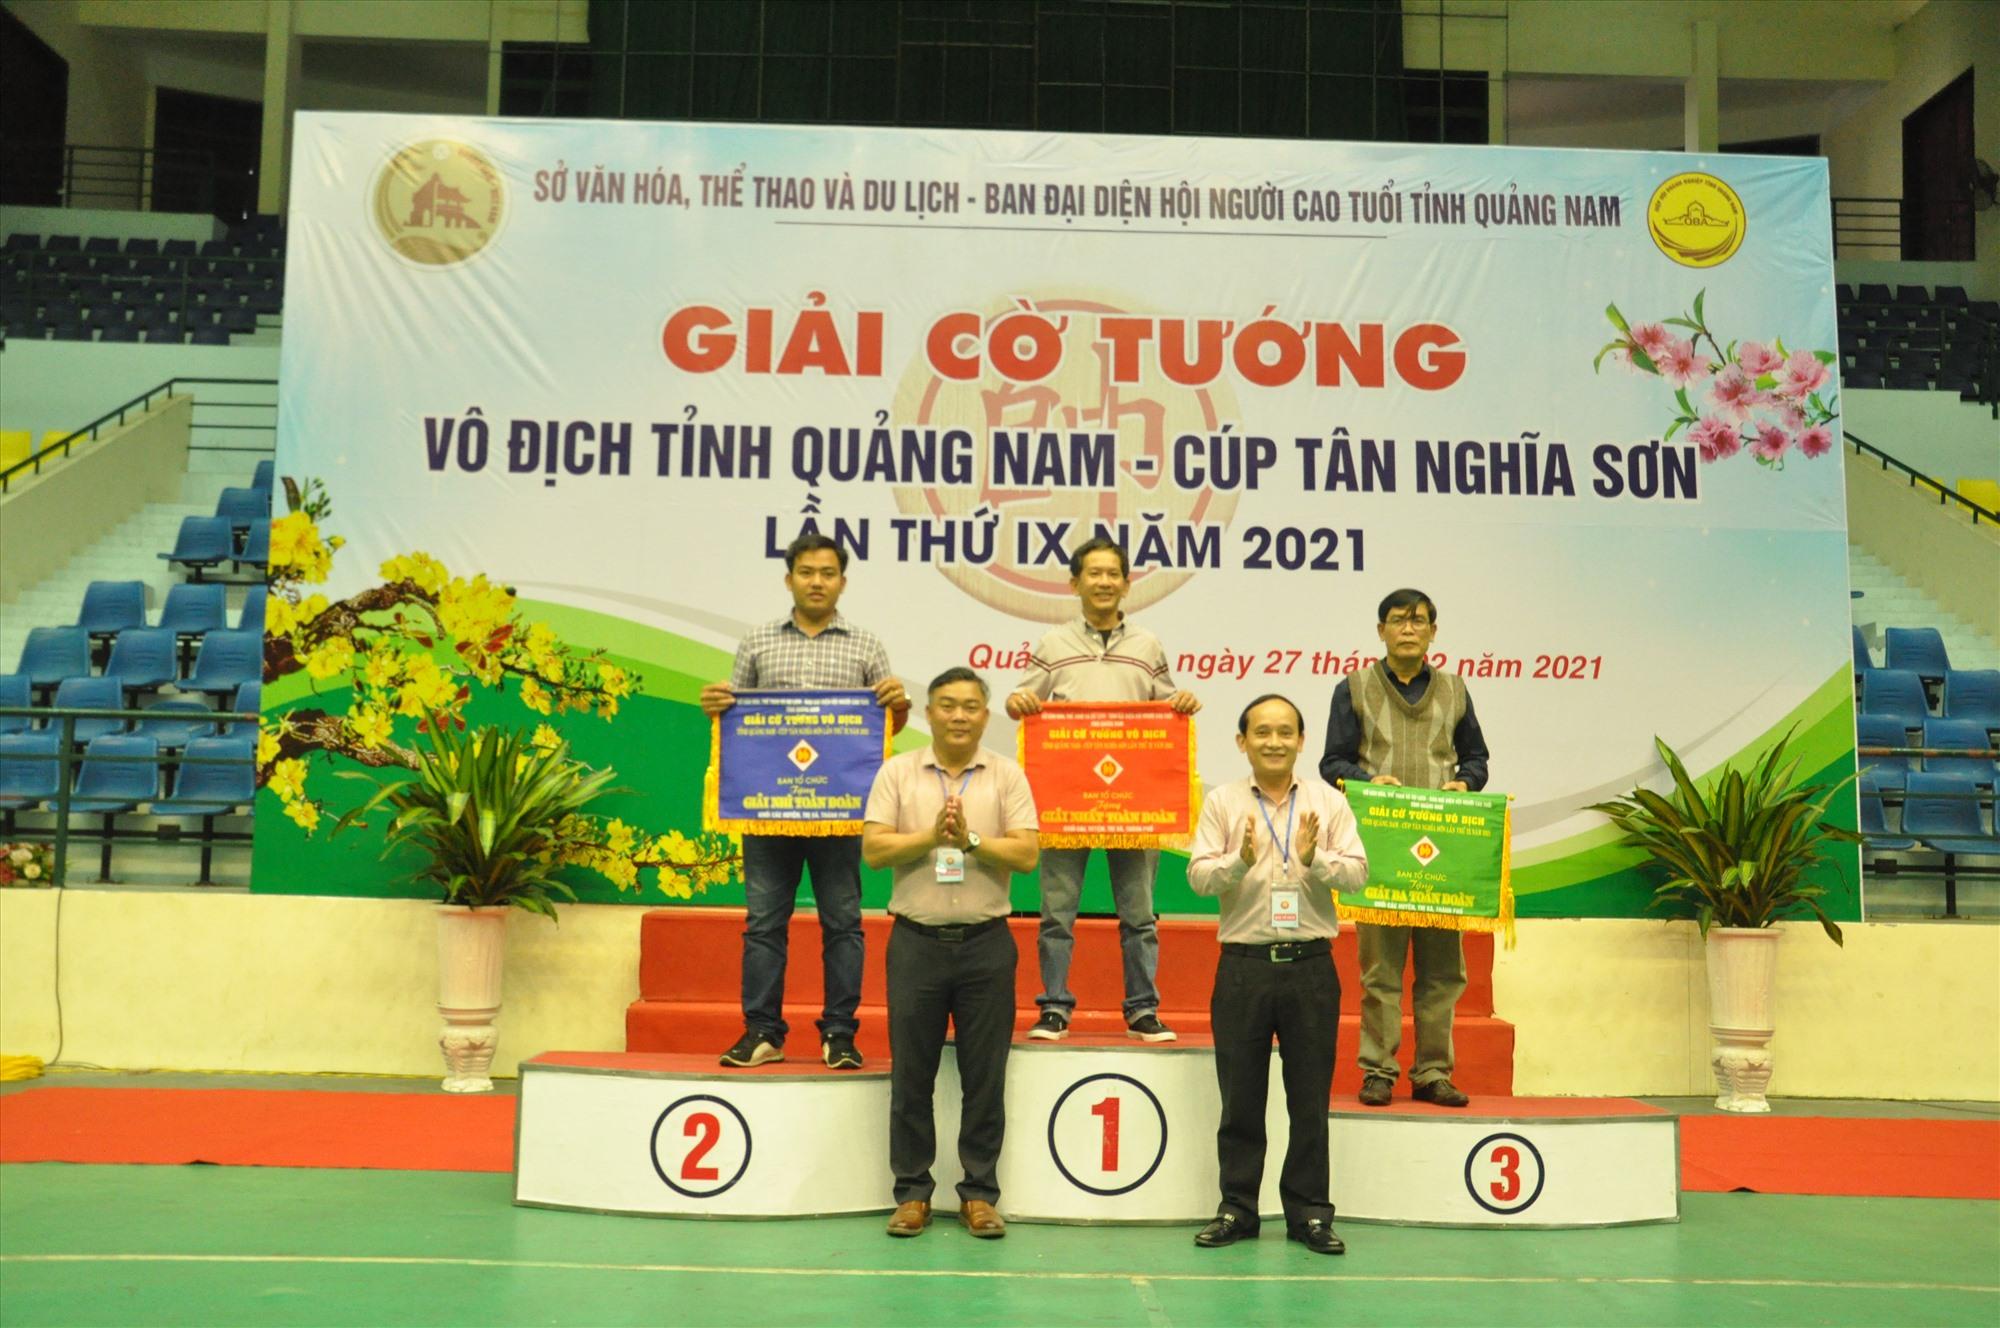 Ban tổ chức trao giải toàn đoàn cho Hội An, Tam Kỳ và Đại Lộc. Ảnh: T.V